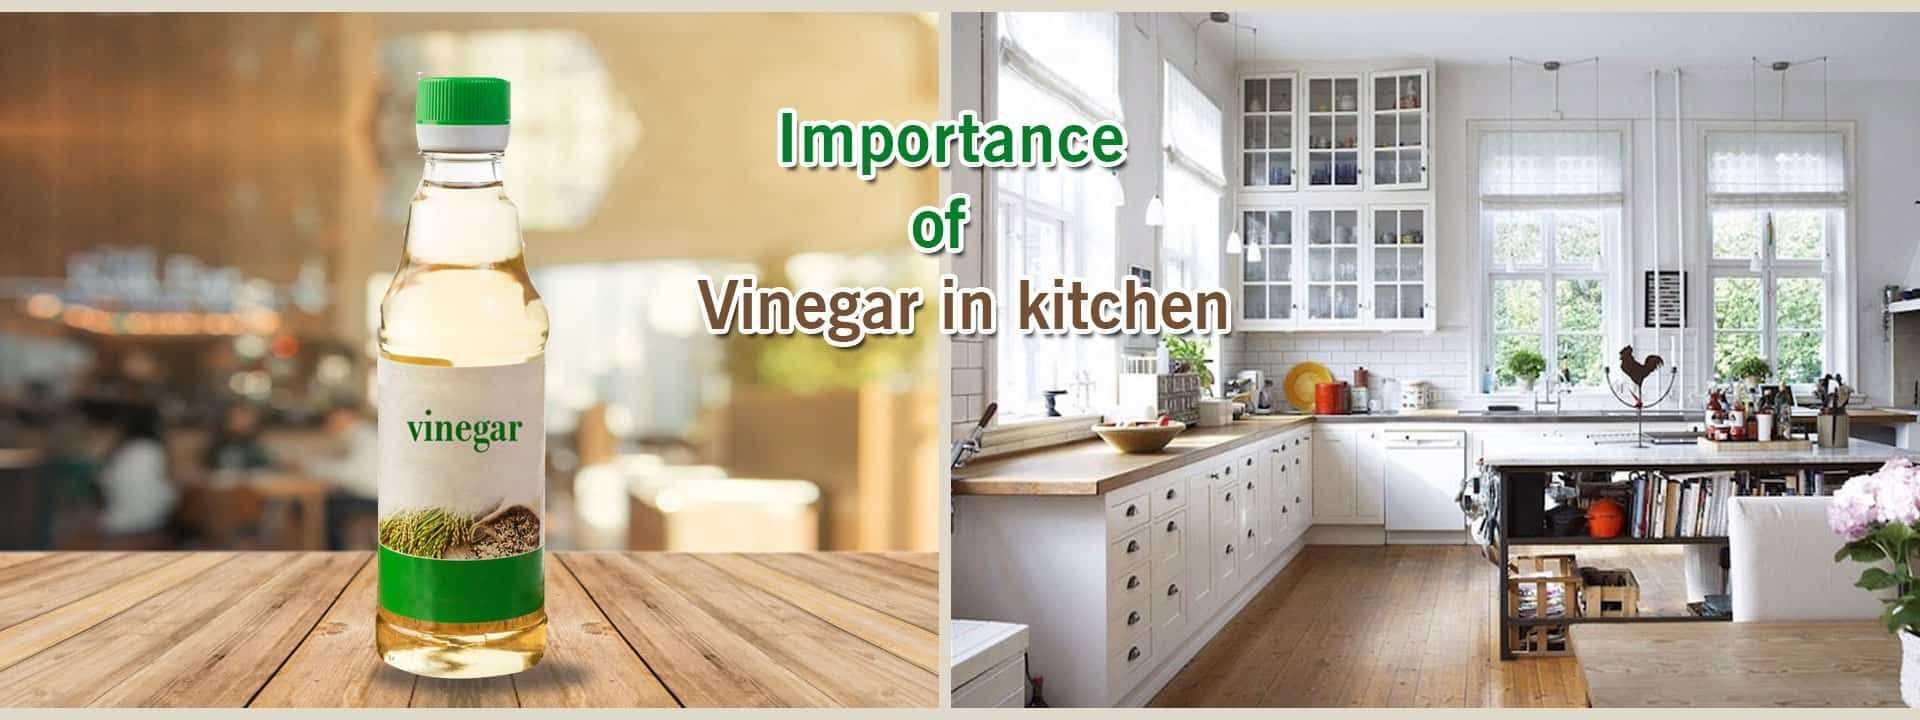 Importance Of Vinegar In Kitchen